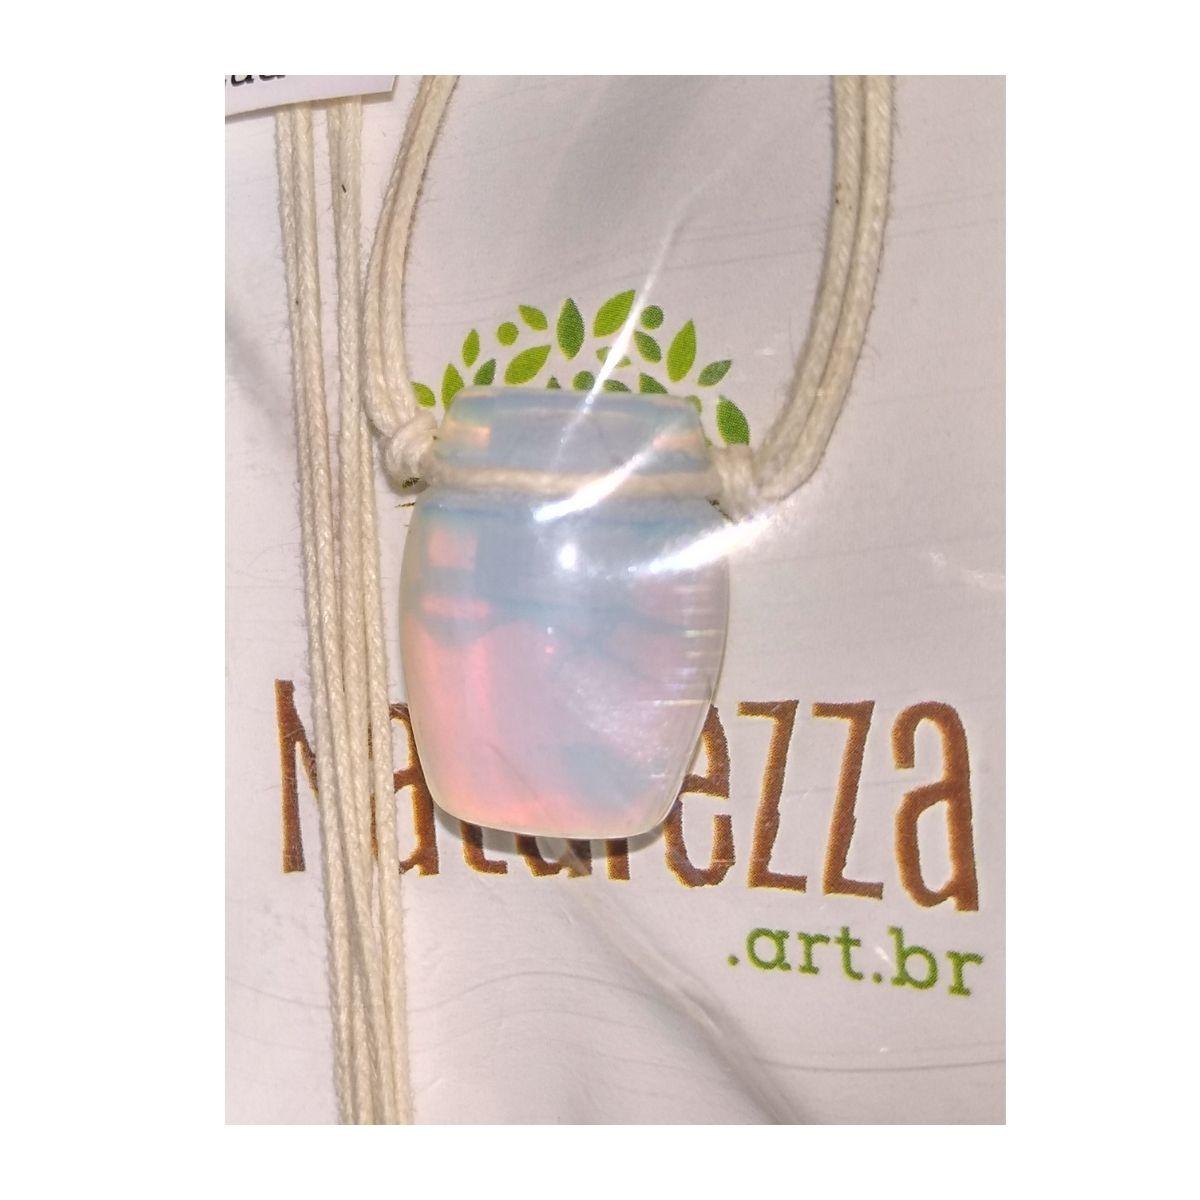 Colar de Pedra da Lua  Tamborzinho (Perfumeira p/ Aromaterapia ou  Difusor Pessoal)